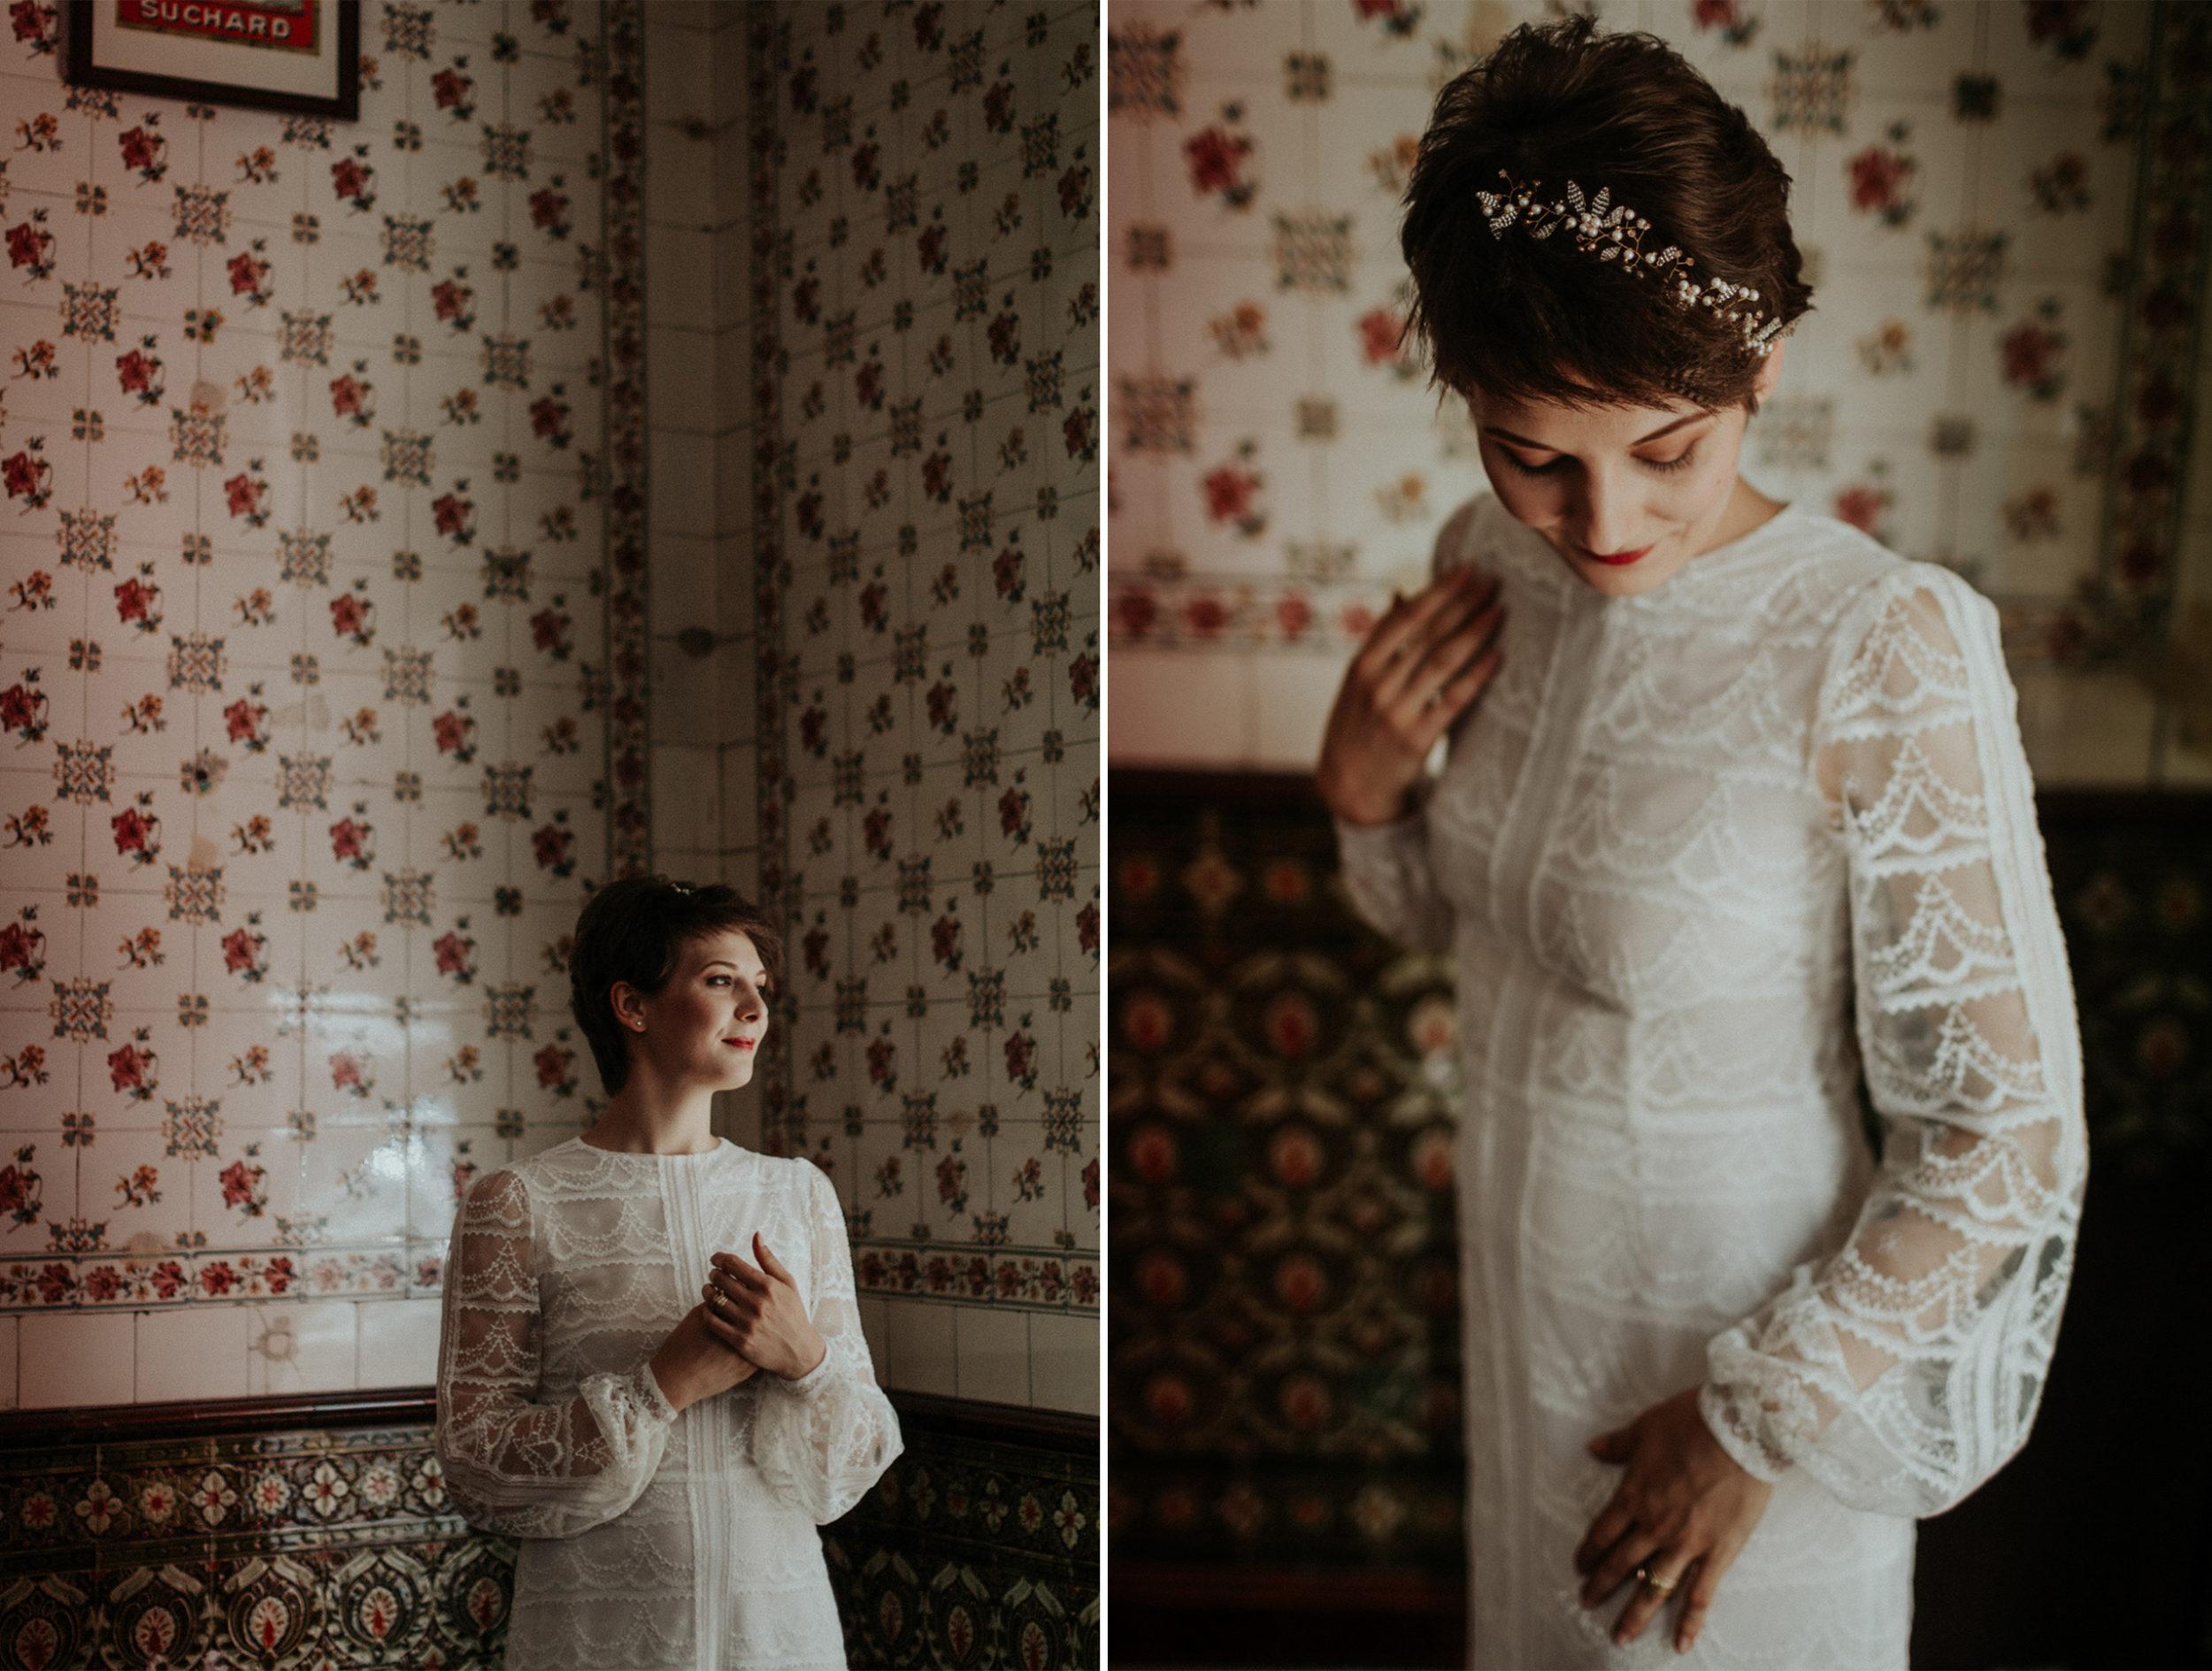 sesja stylizowana amelia gliwice fotograf slubny 00035